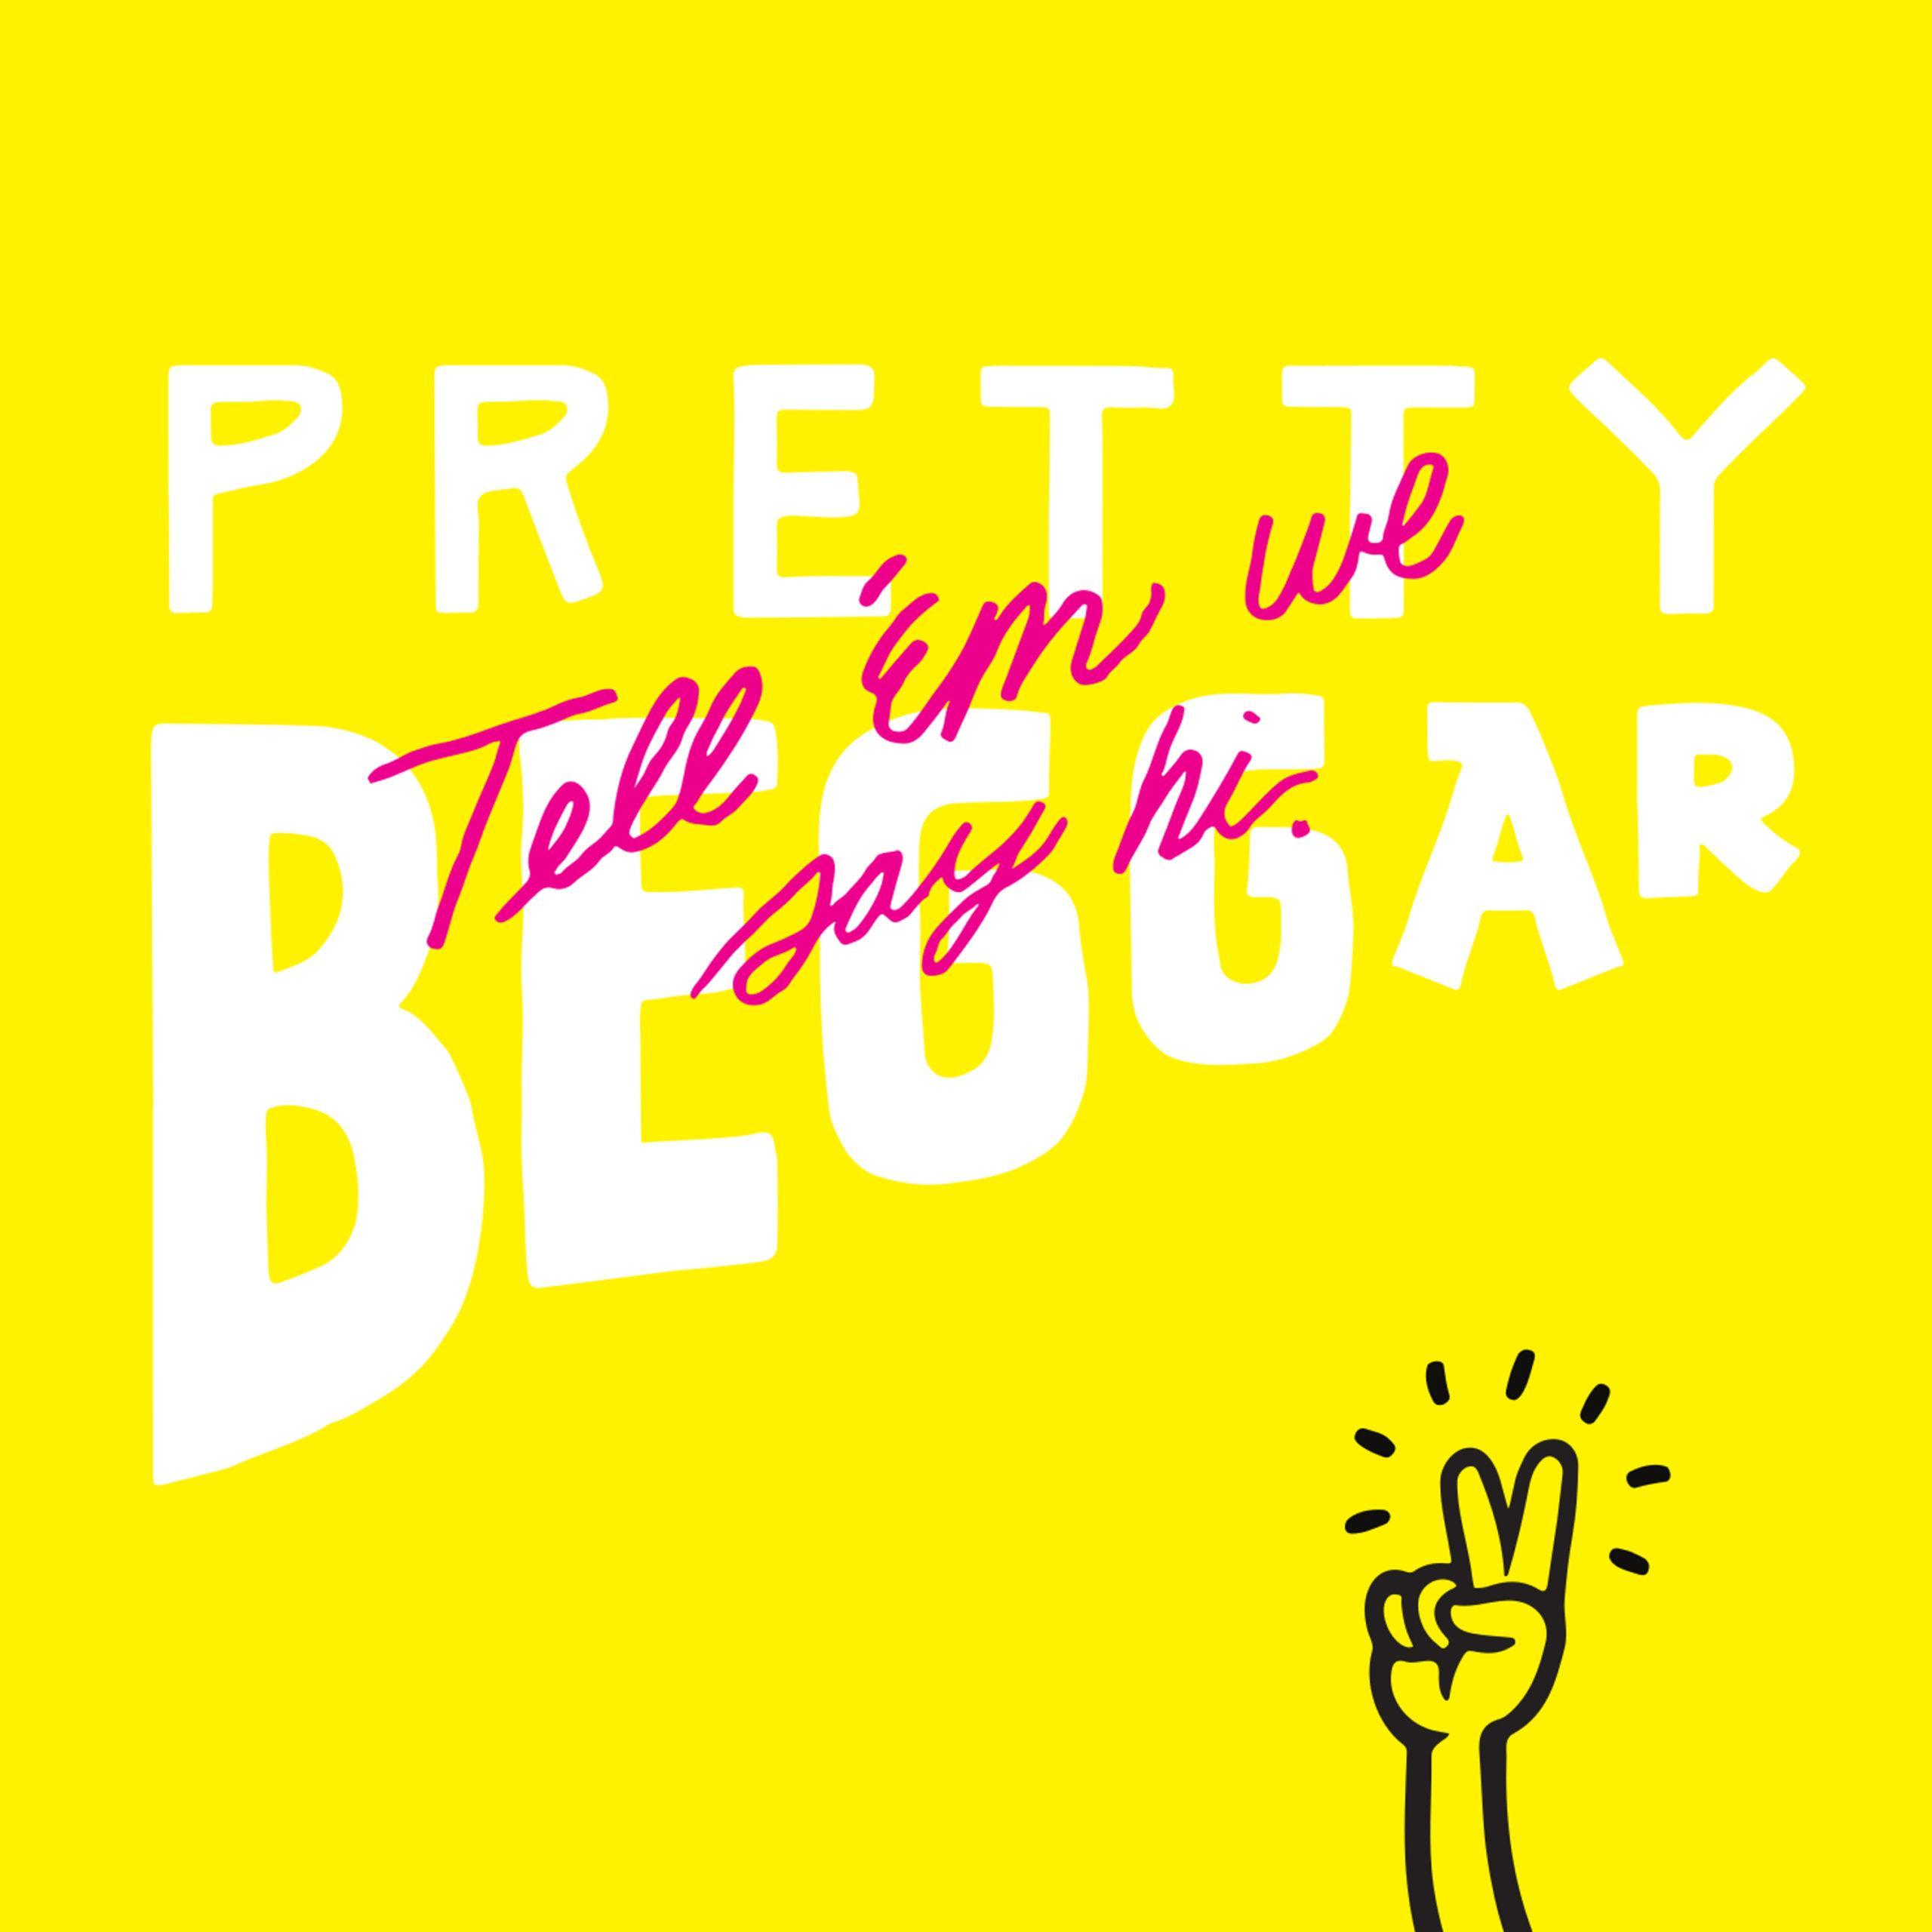 Tell Em We Say Hi